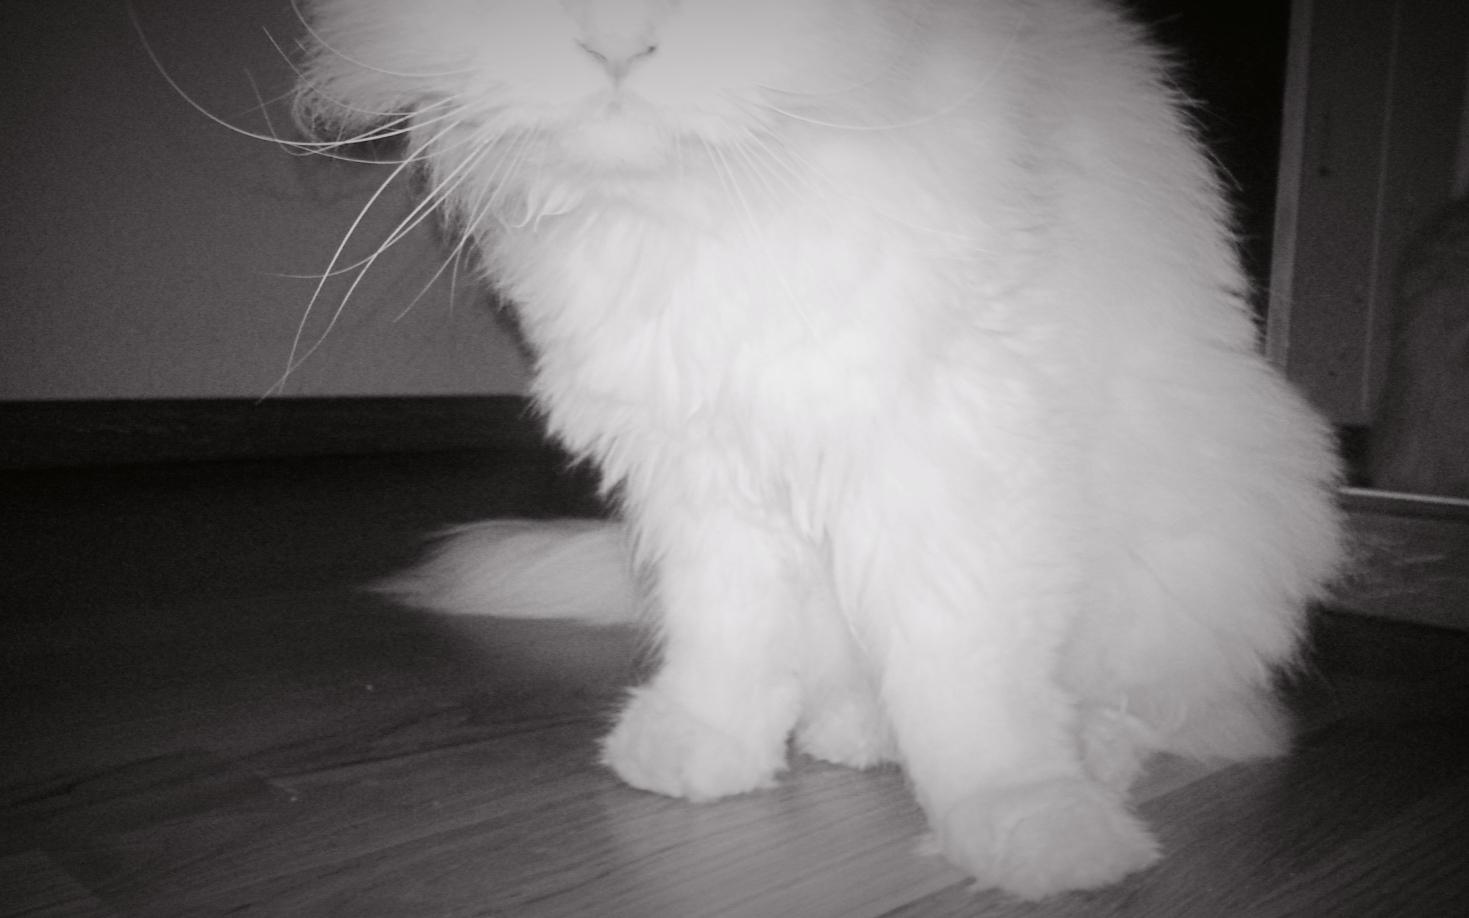 floorkat